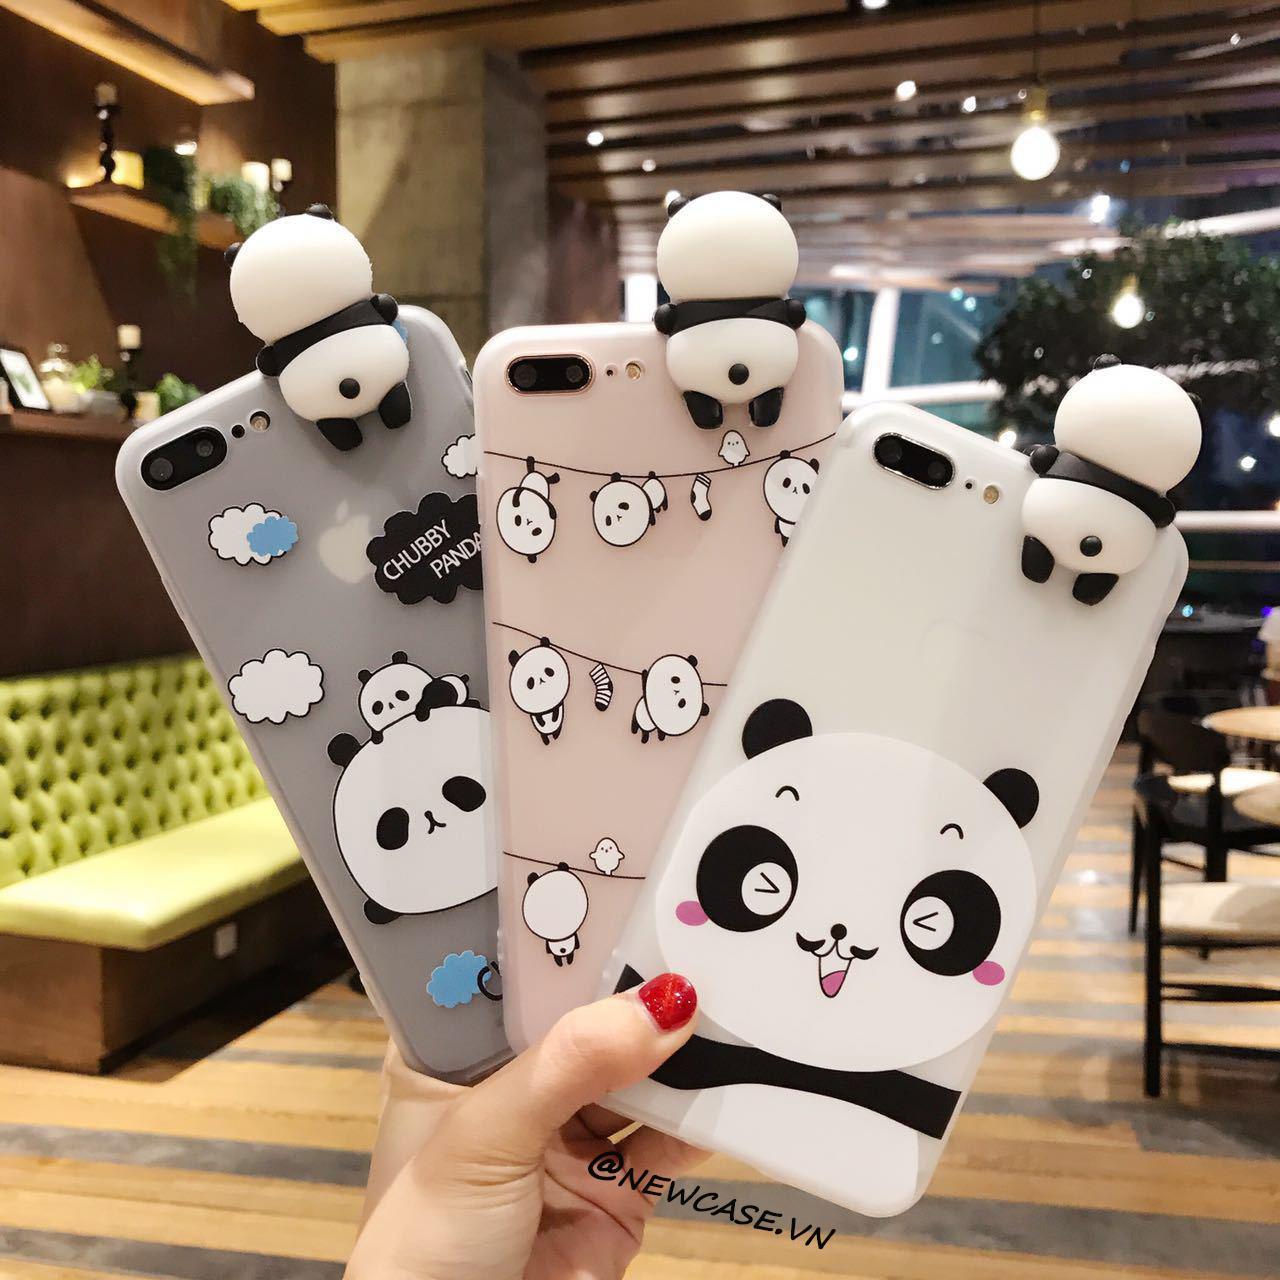 Hình ảnh Ốp lưng dẻo con gấu hoạt hình ngộ nghĩnh thú leo - Iphone 5, 6, 6plus, 7, 7plus, 8, 8plus, X